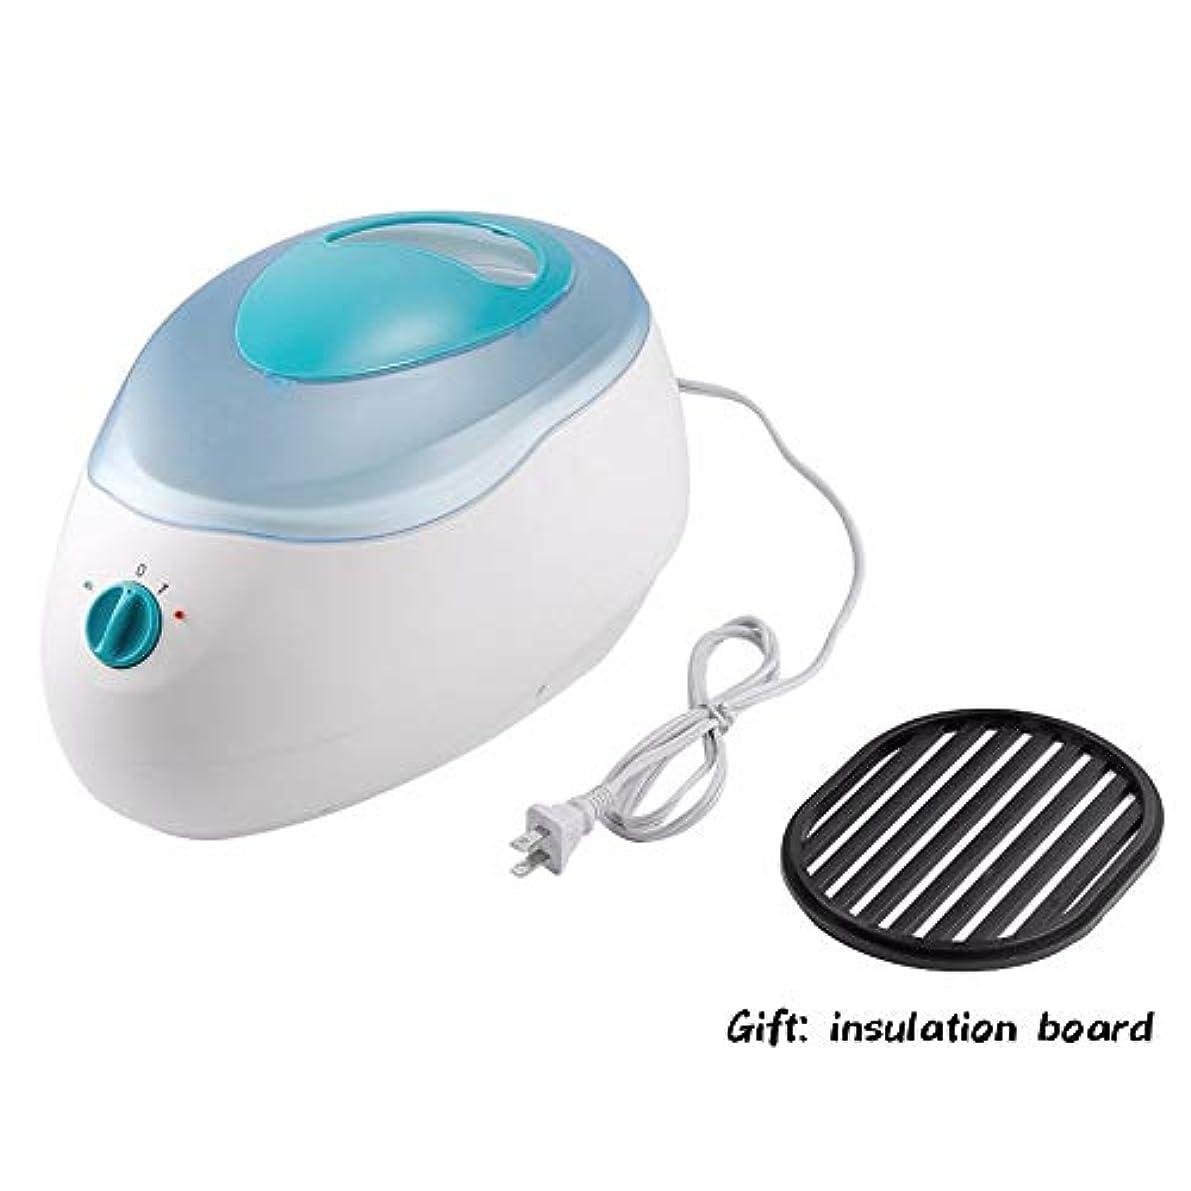 叙情的なカウントアップ驚きワックスヒーター機200ワットパラフィンヒーター療法浴室ワックスポットヒーター美容院スパ2レベル制御機用スキンケアツール